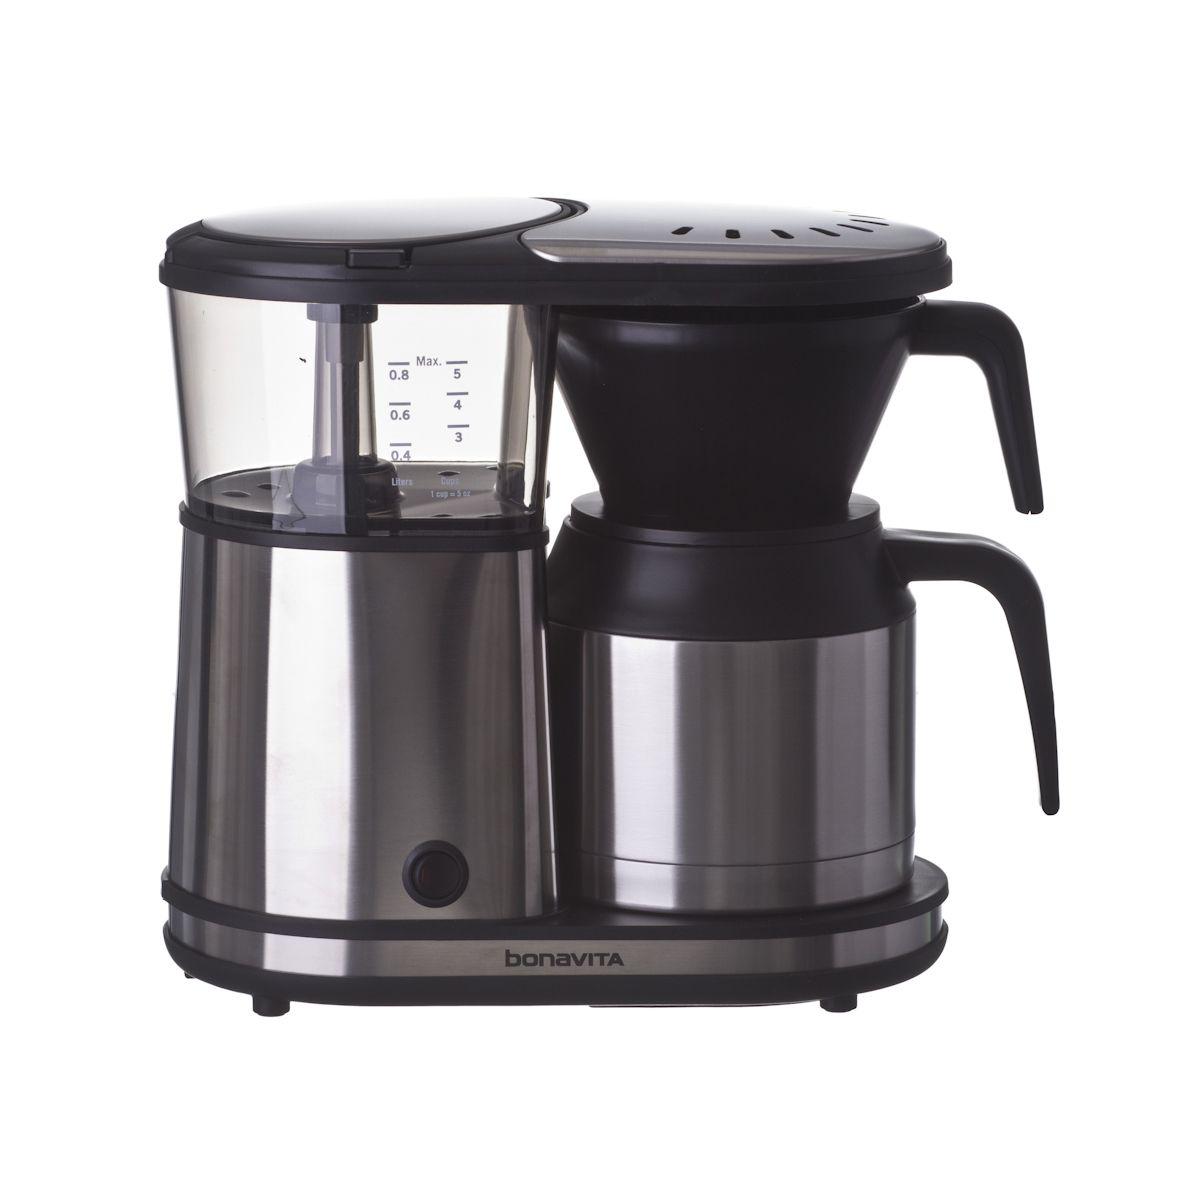 Bonavita 5 Cup Coffee Maker With Thermal Carafe Reviews di